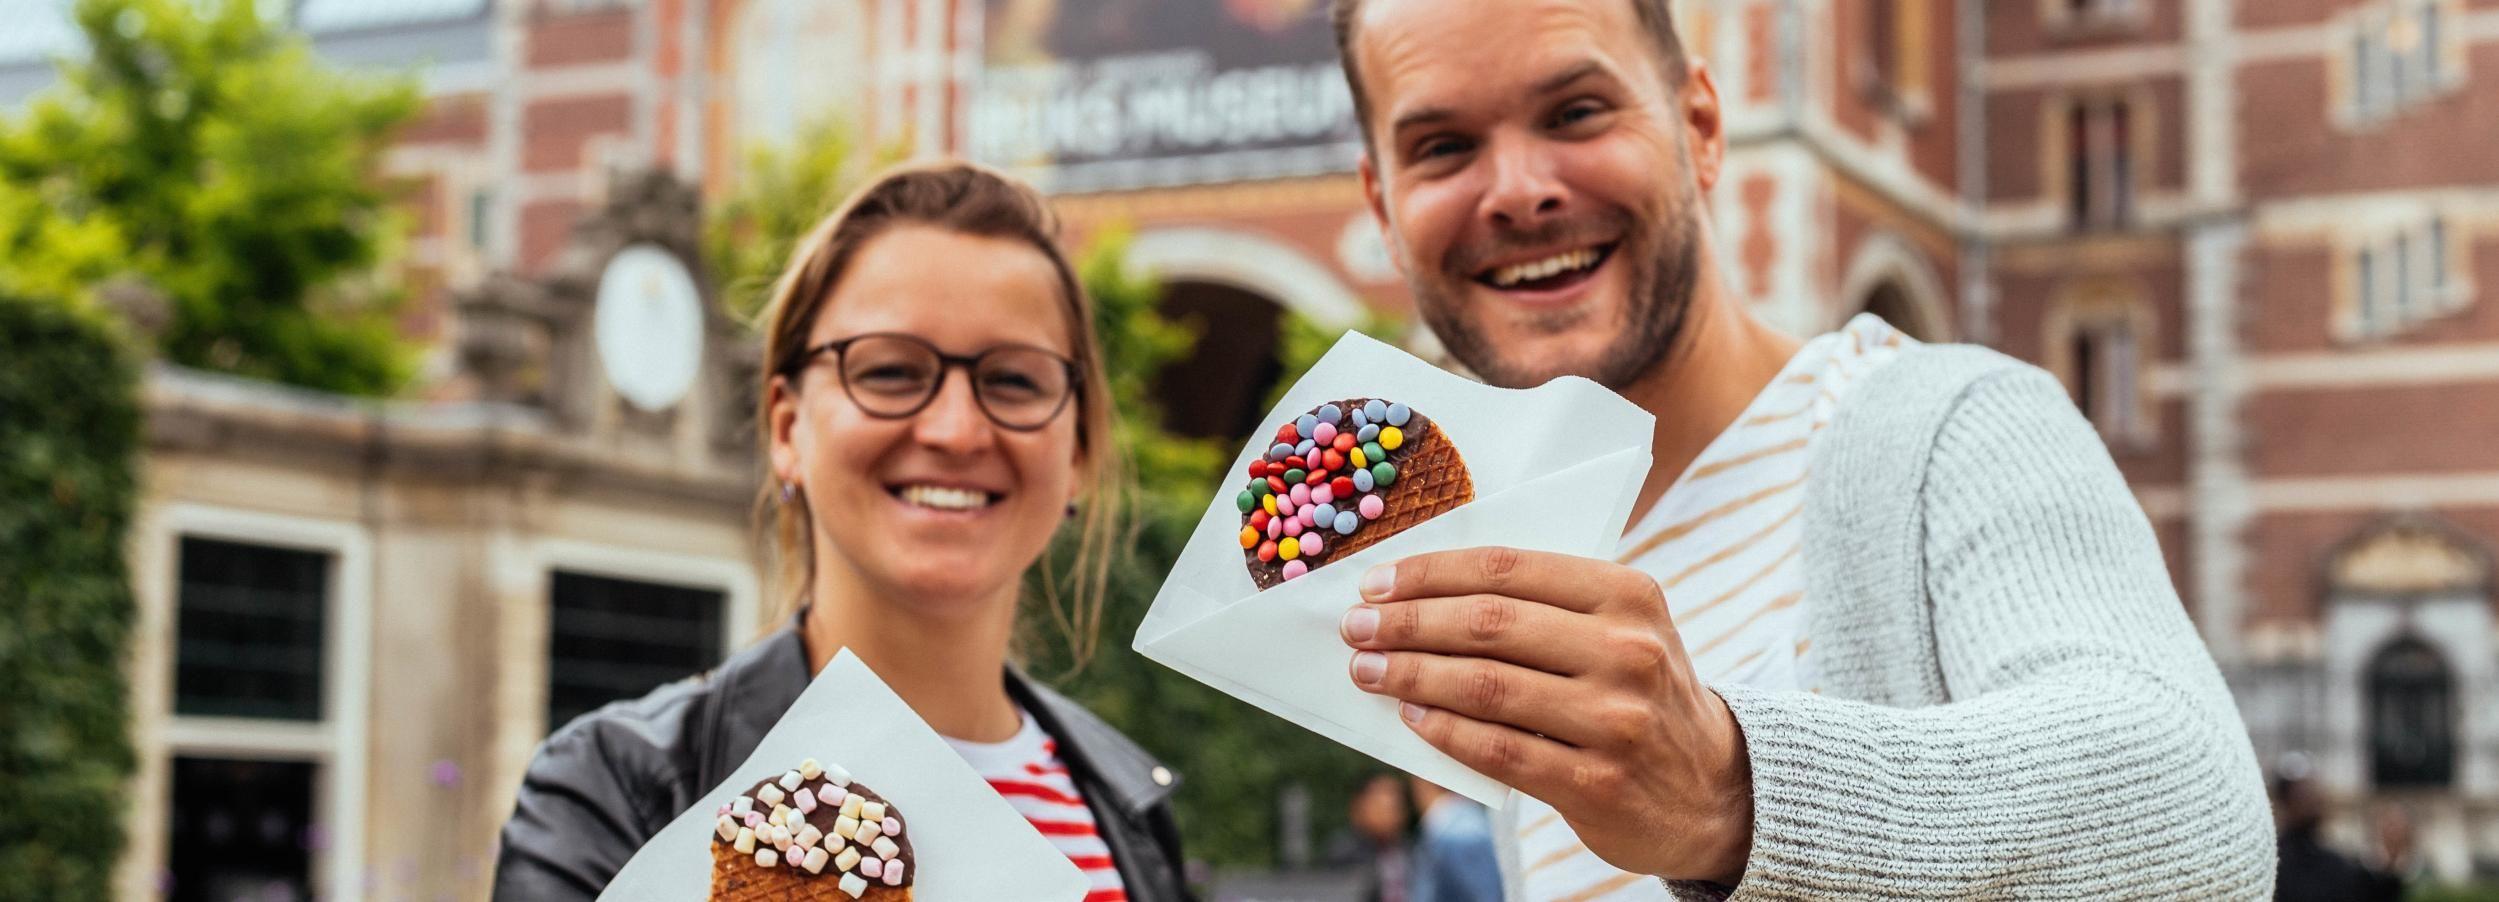 Амстердам: Частный тур по еде с местным